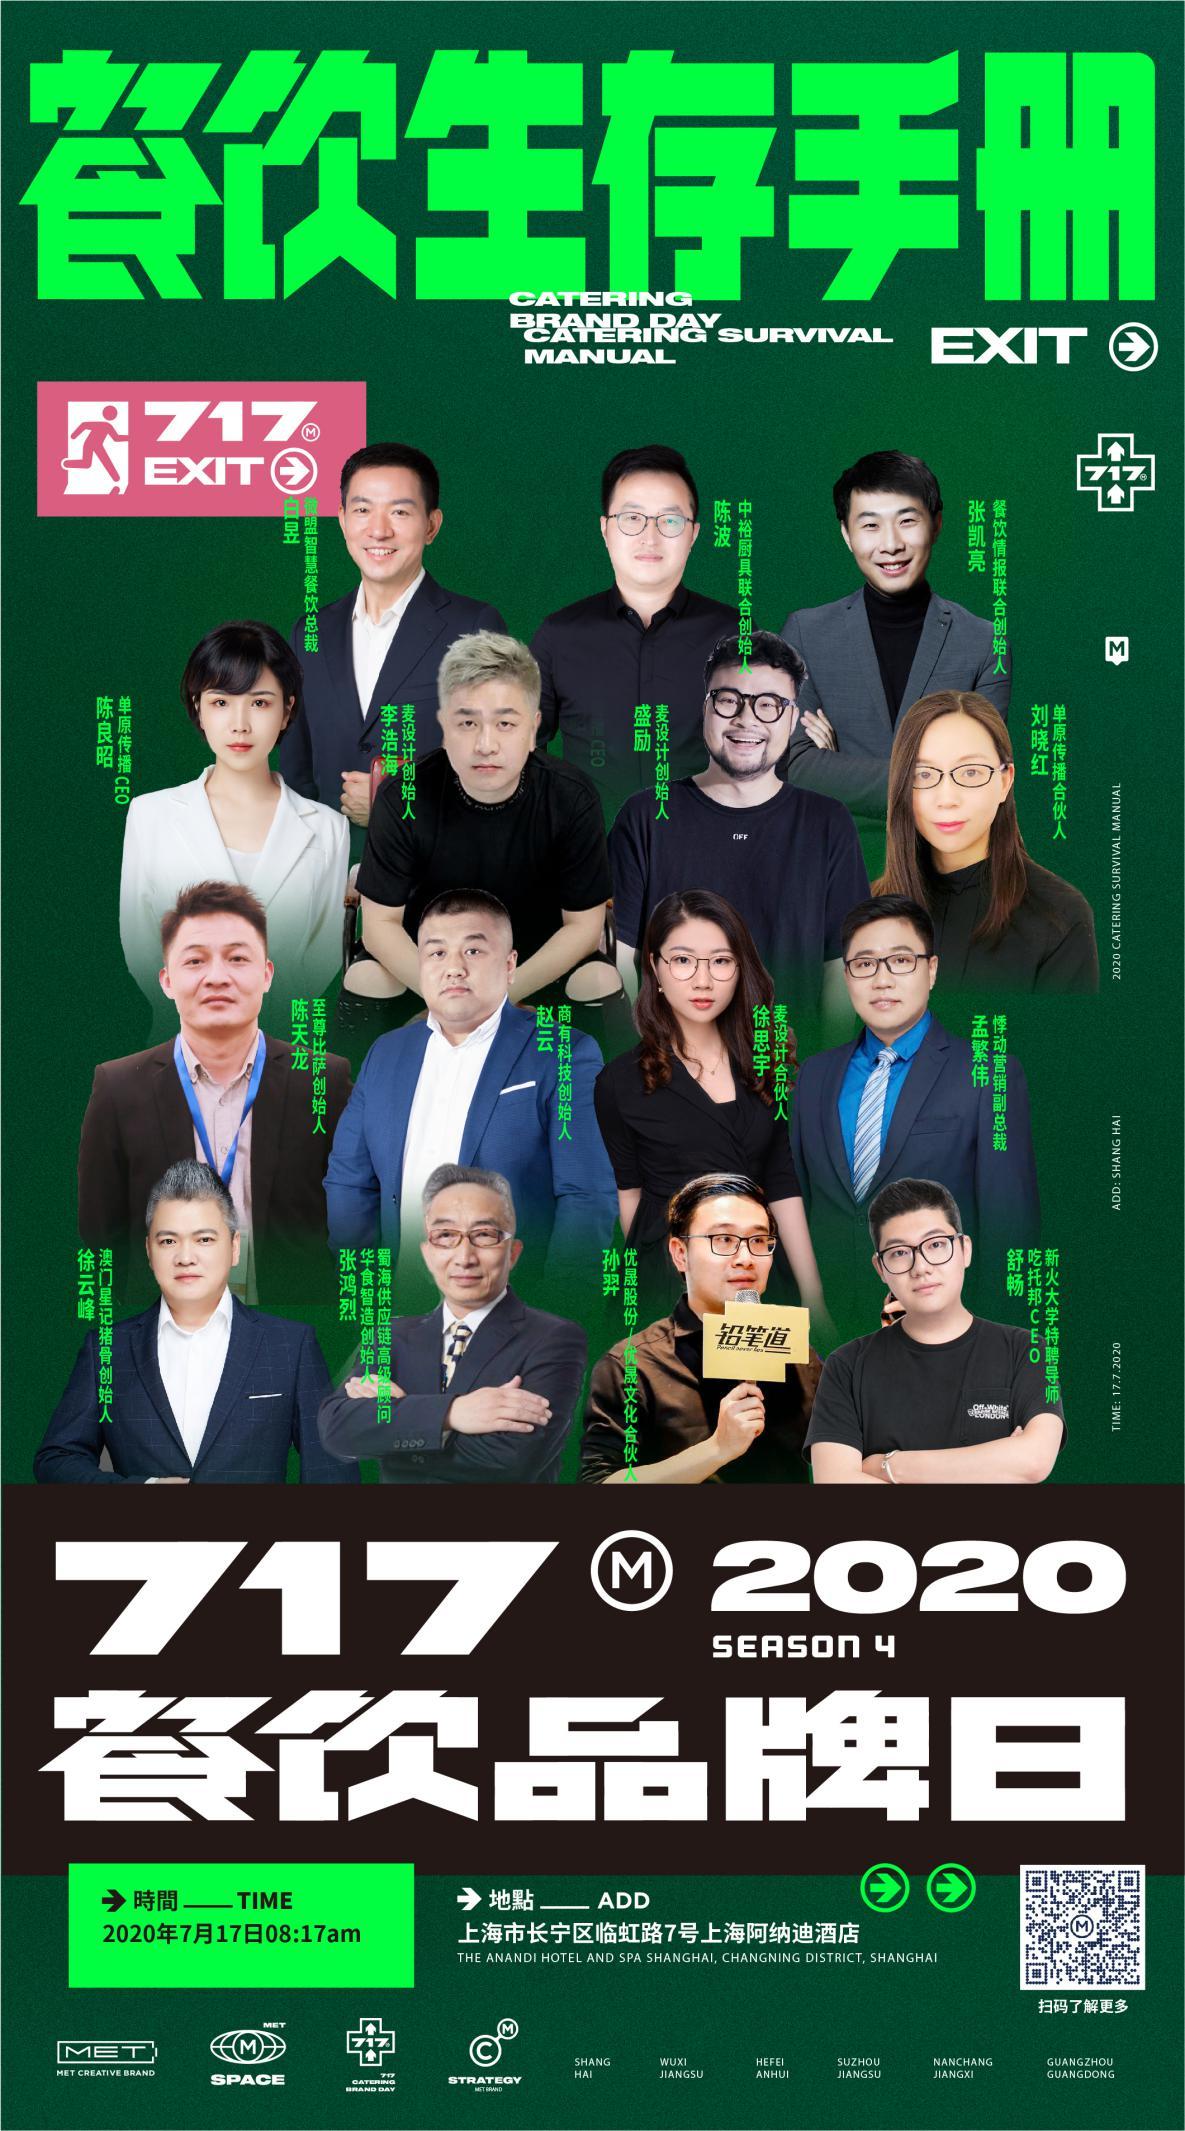 717餐饮超级峰会:覆盖全行业的生存智慧!